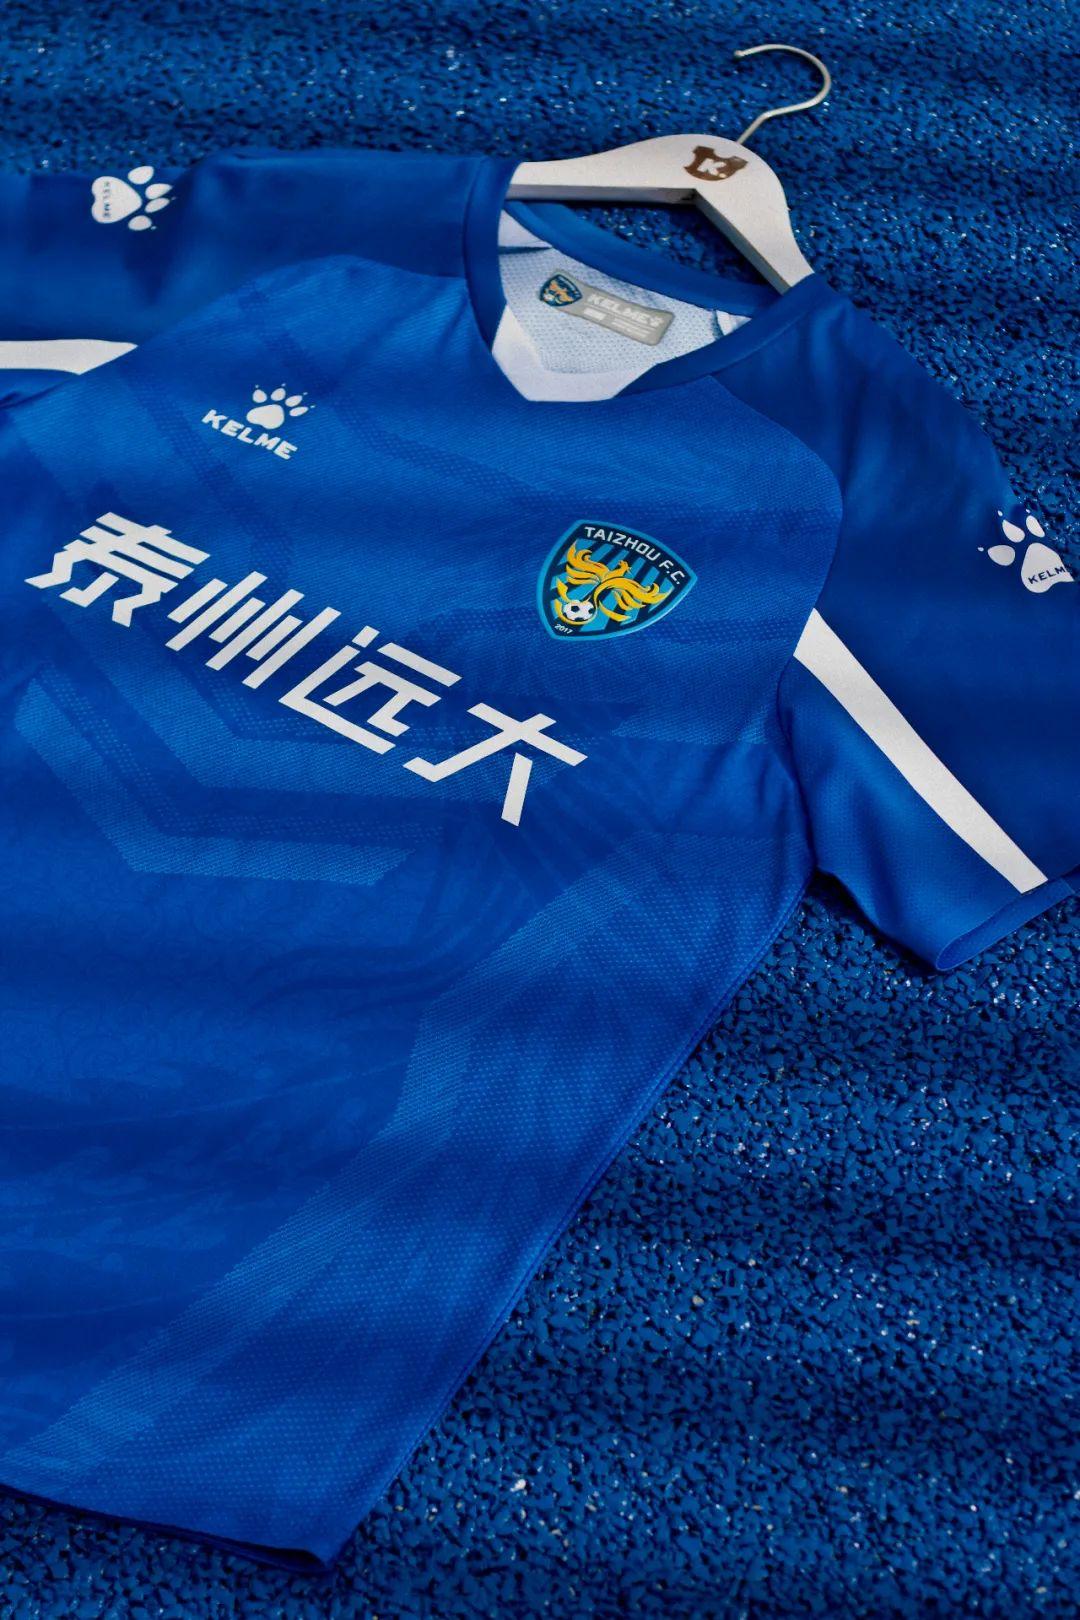 2020赛季中甲球衣发布!卡尔美KELME只做了一件事:用心 第9张